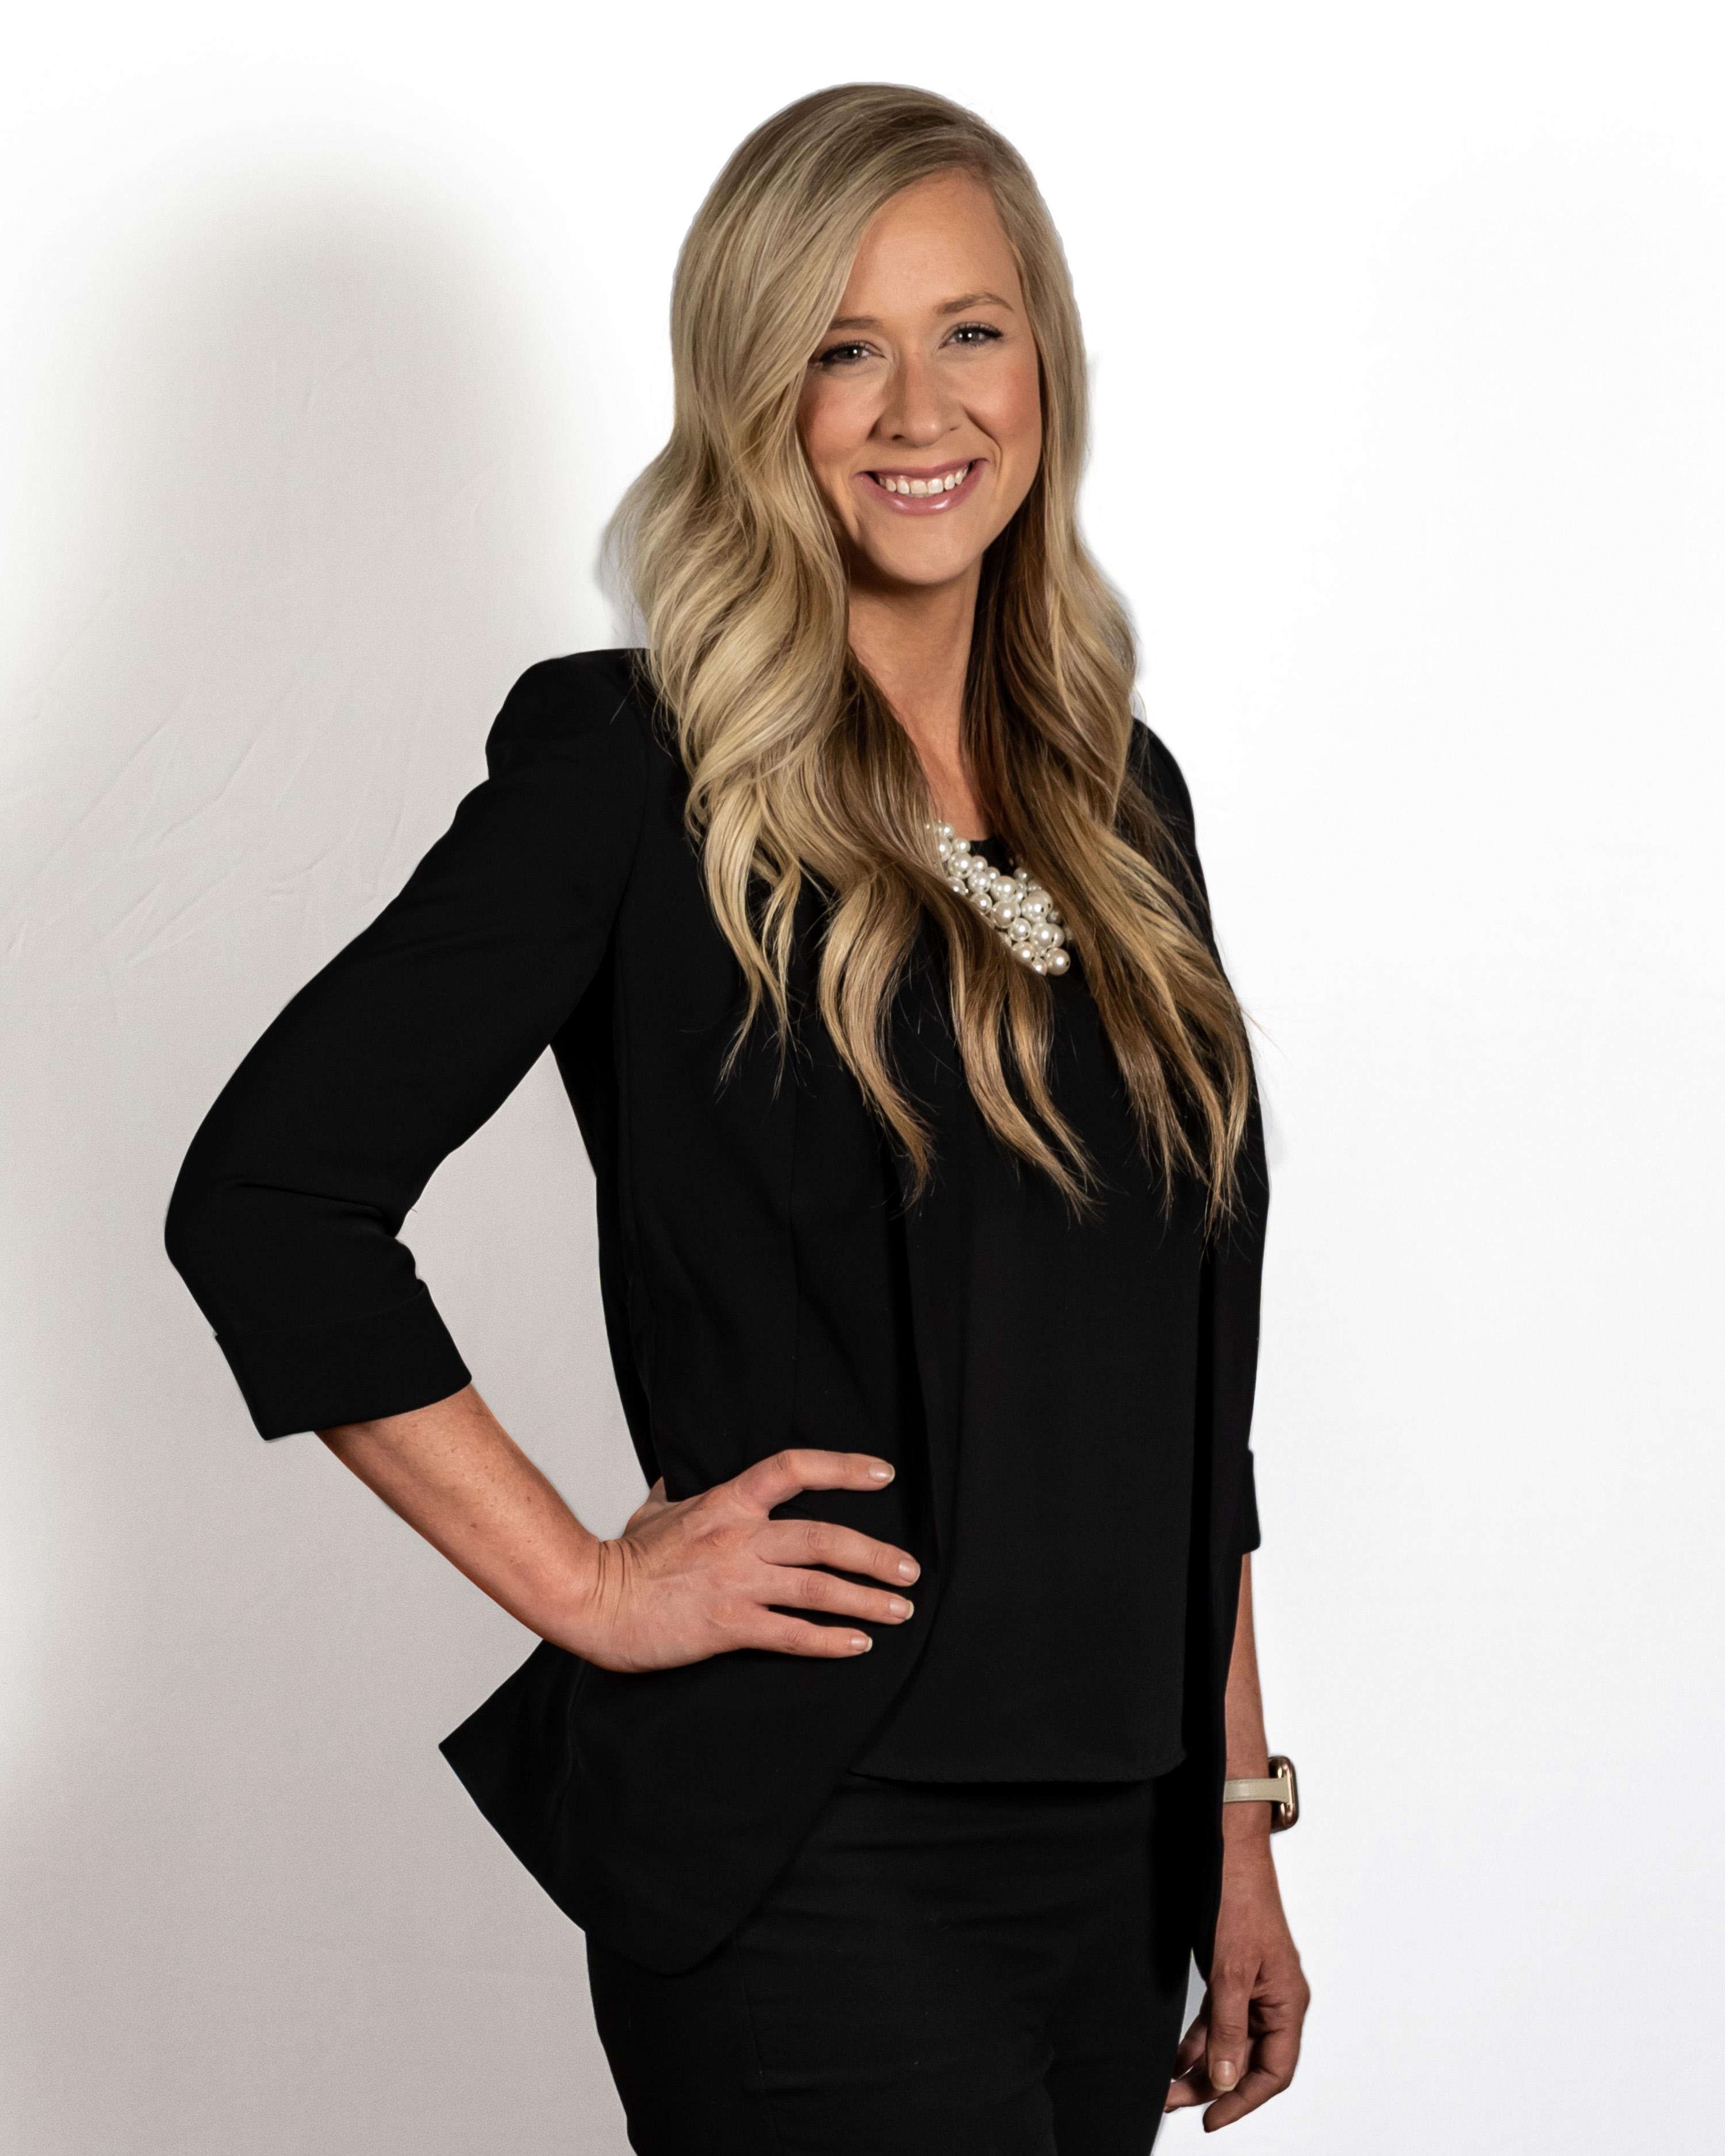 Rachel Weatherspoon